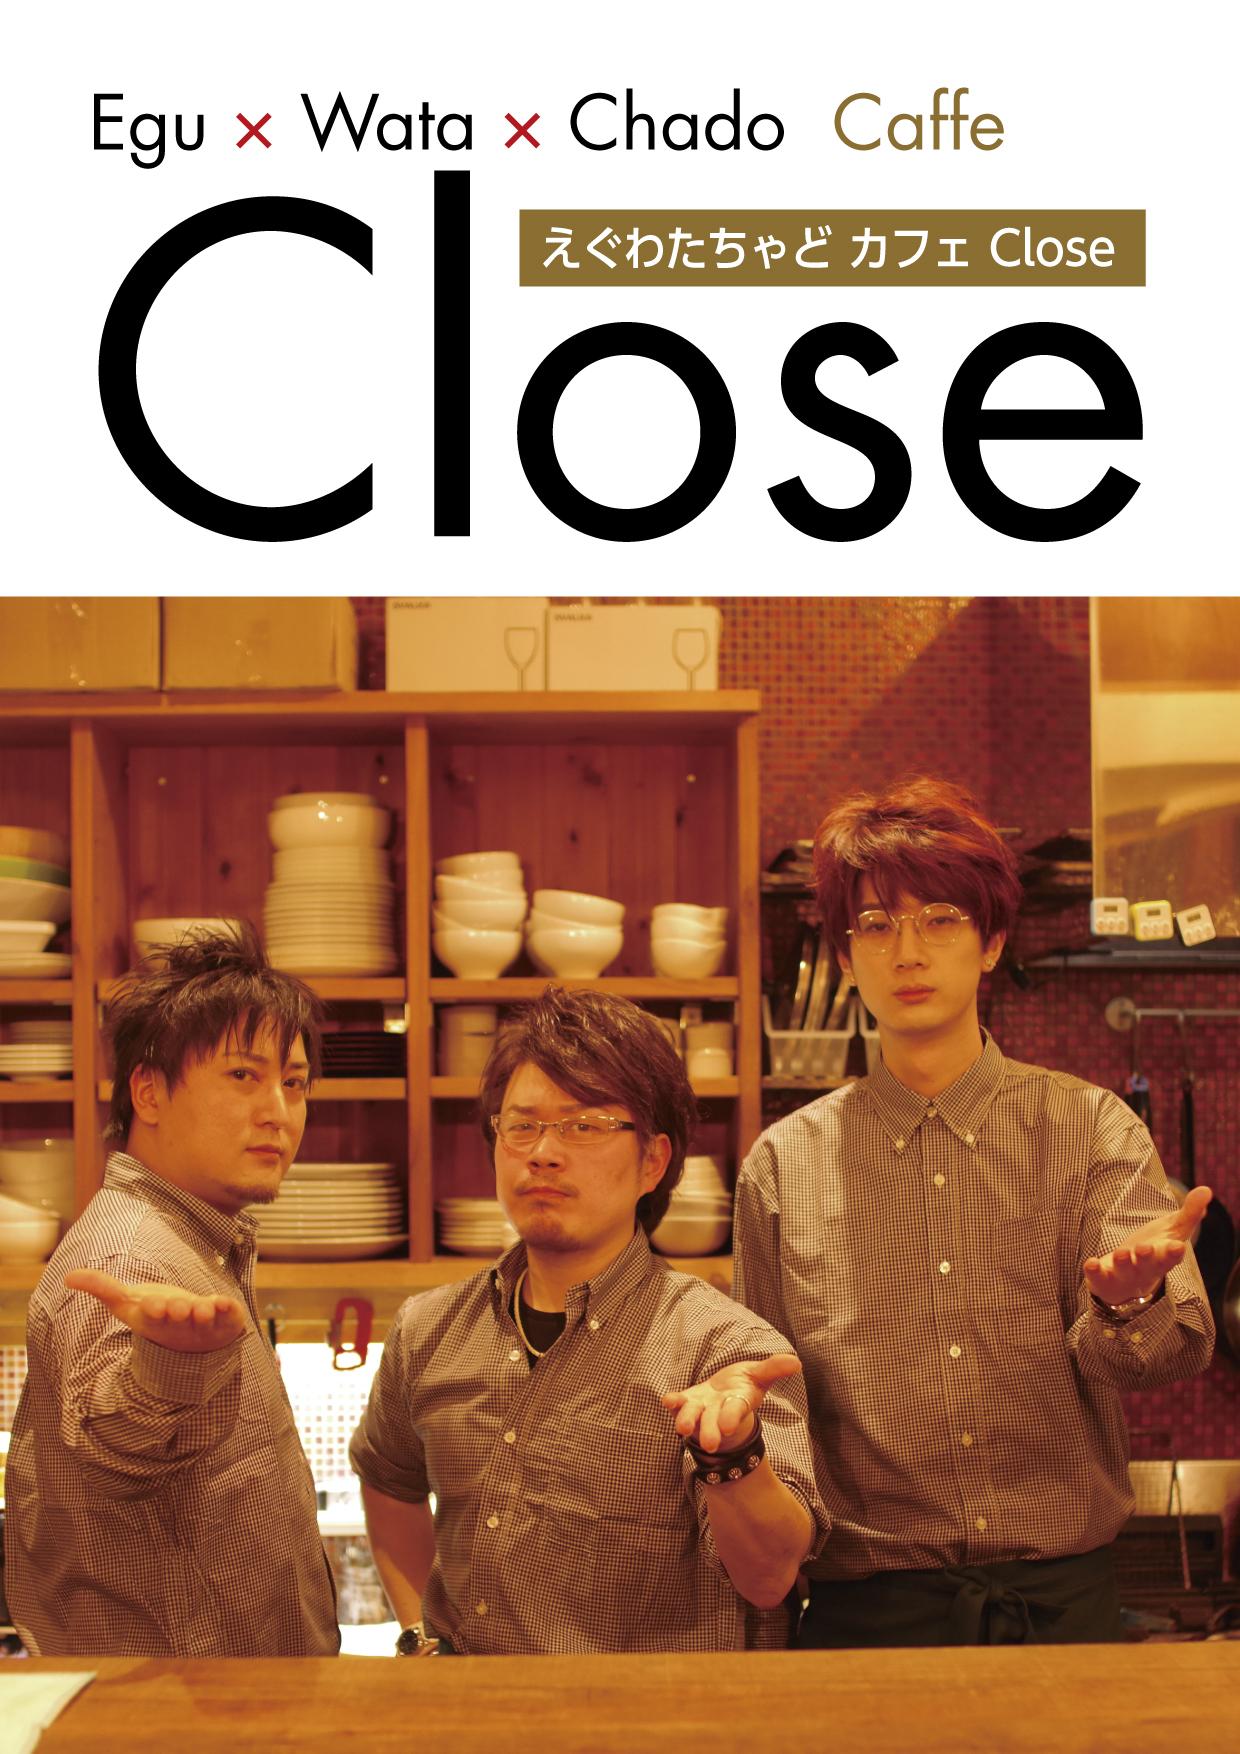 写真集「えぐわたちゃどカフェ Close」